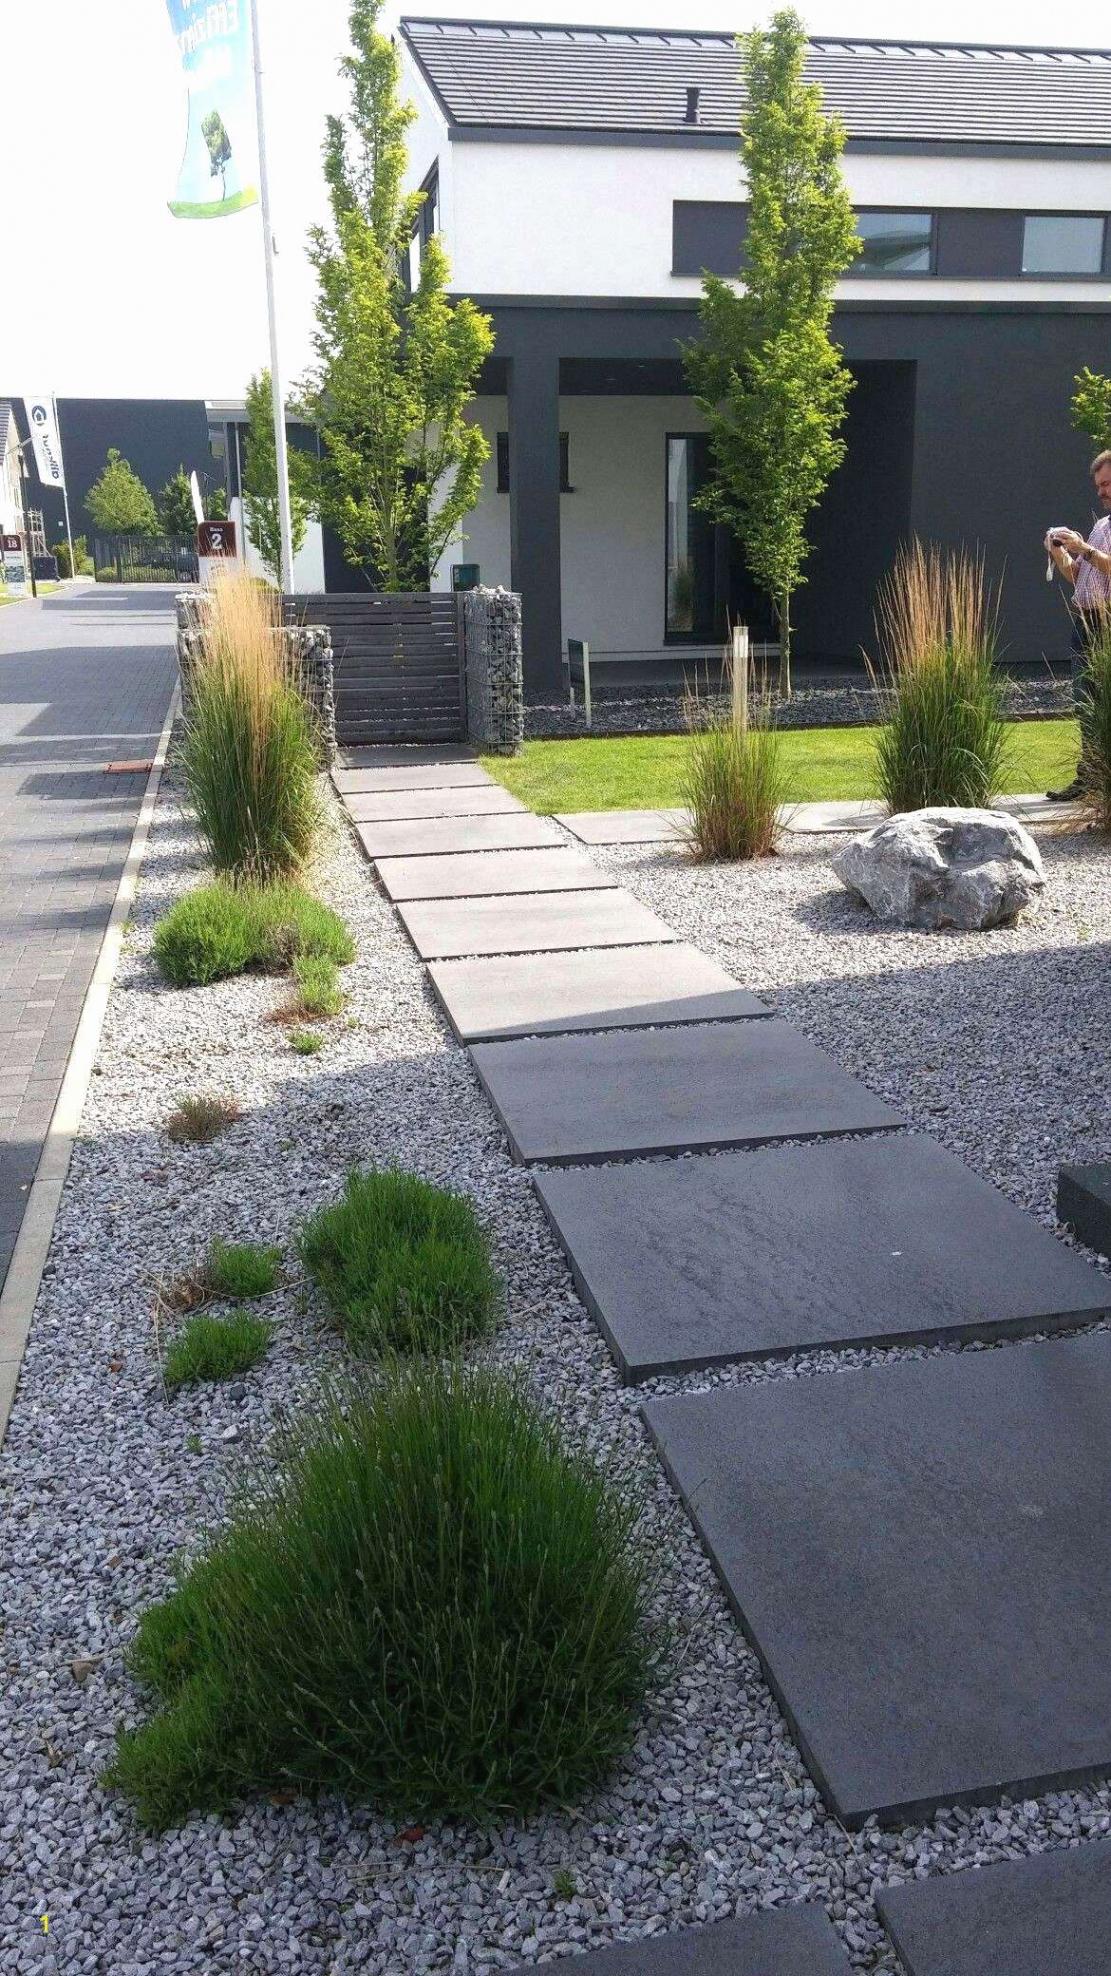 terrassen ideen aus stein reizend vorgarten gestalten modern stock gartengestaltung ideen mit steinen gartengestaltung ideen mit steinen